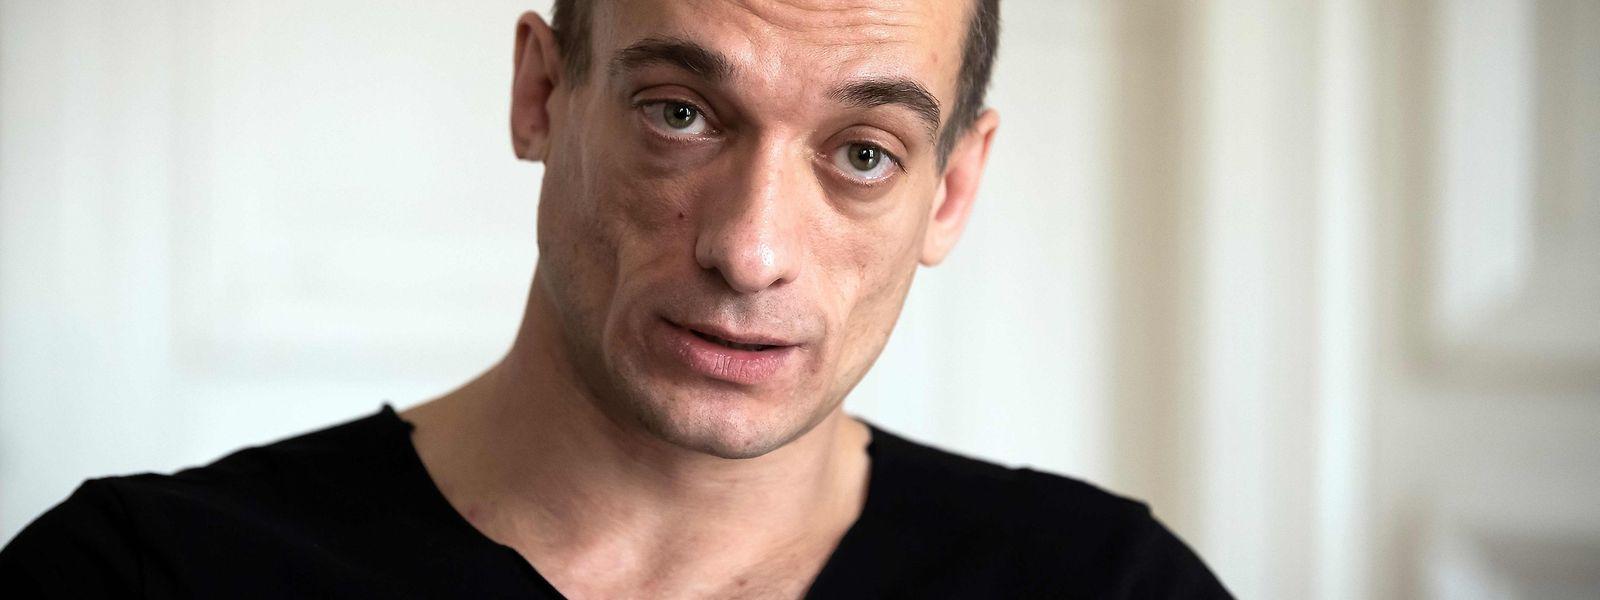 Der Aktionskünstler aus Russland Pjotr Pawlenski will Politiker für ihre Heuchelei bestrafen.